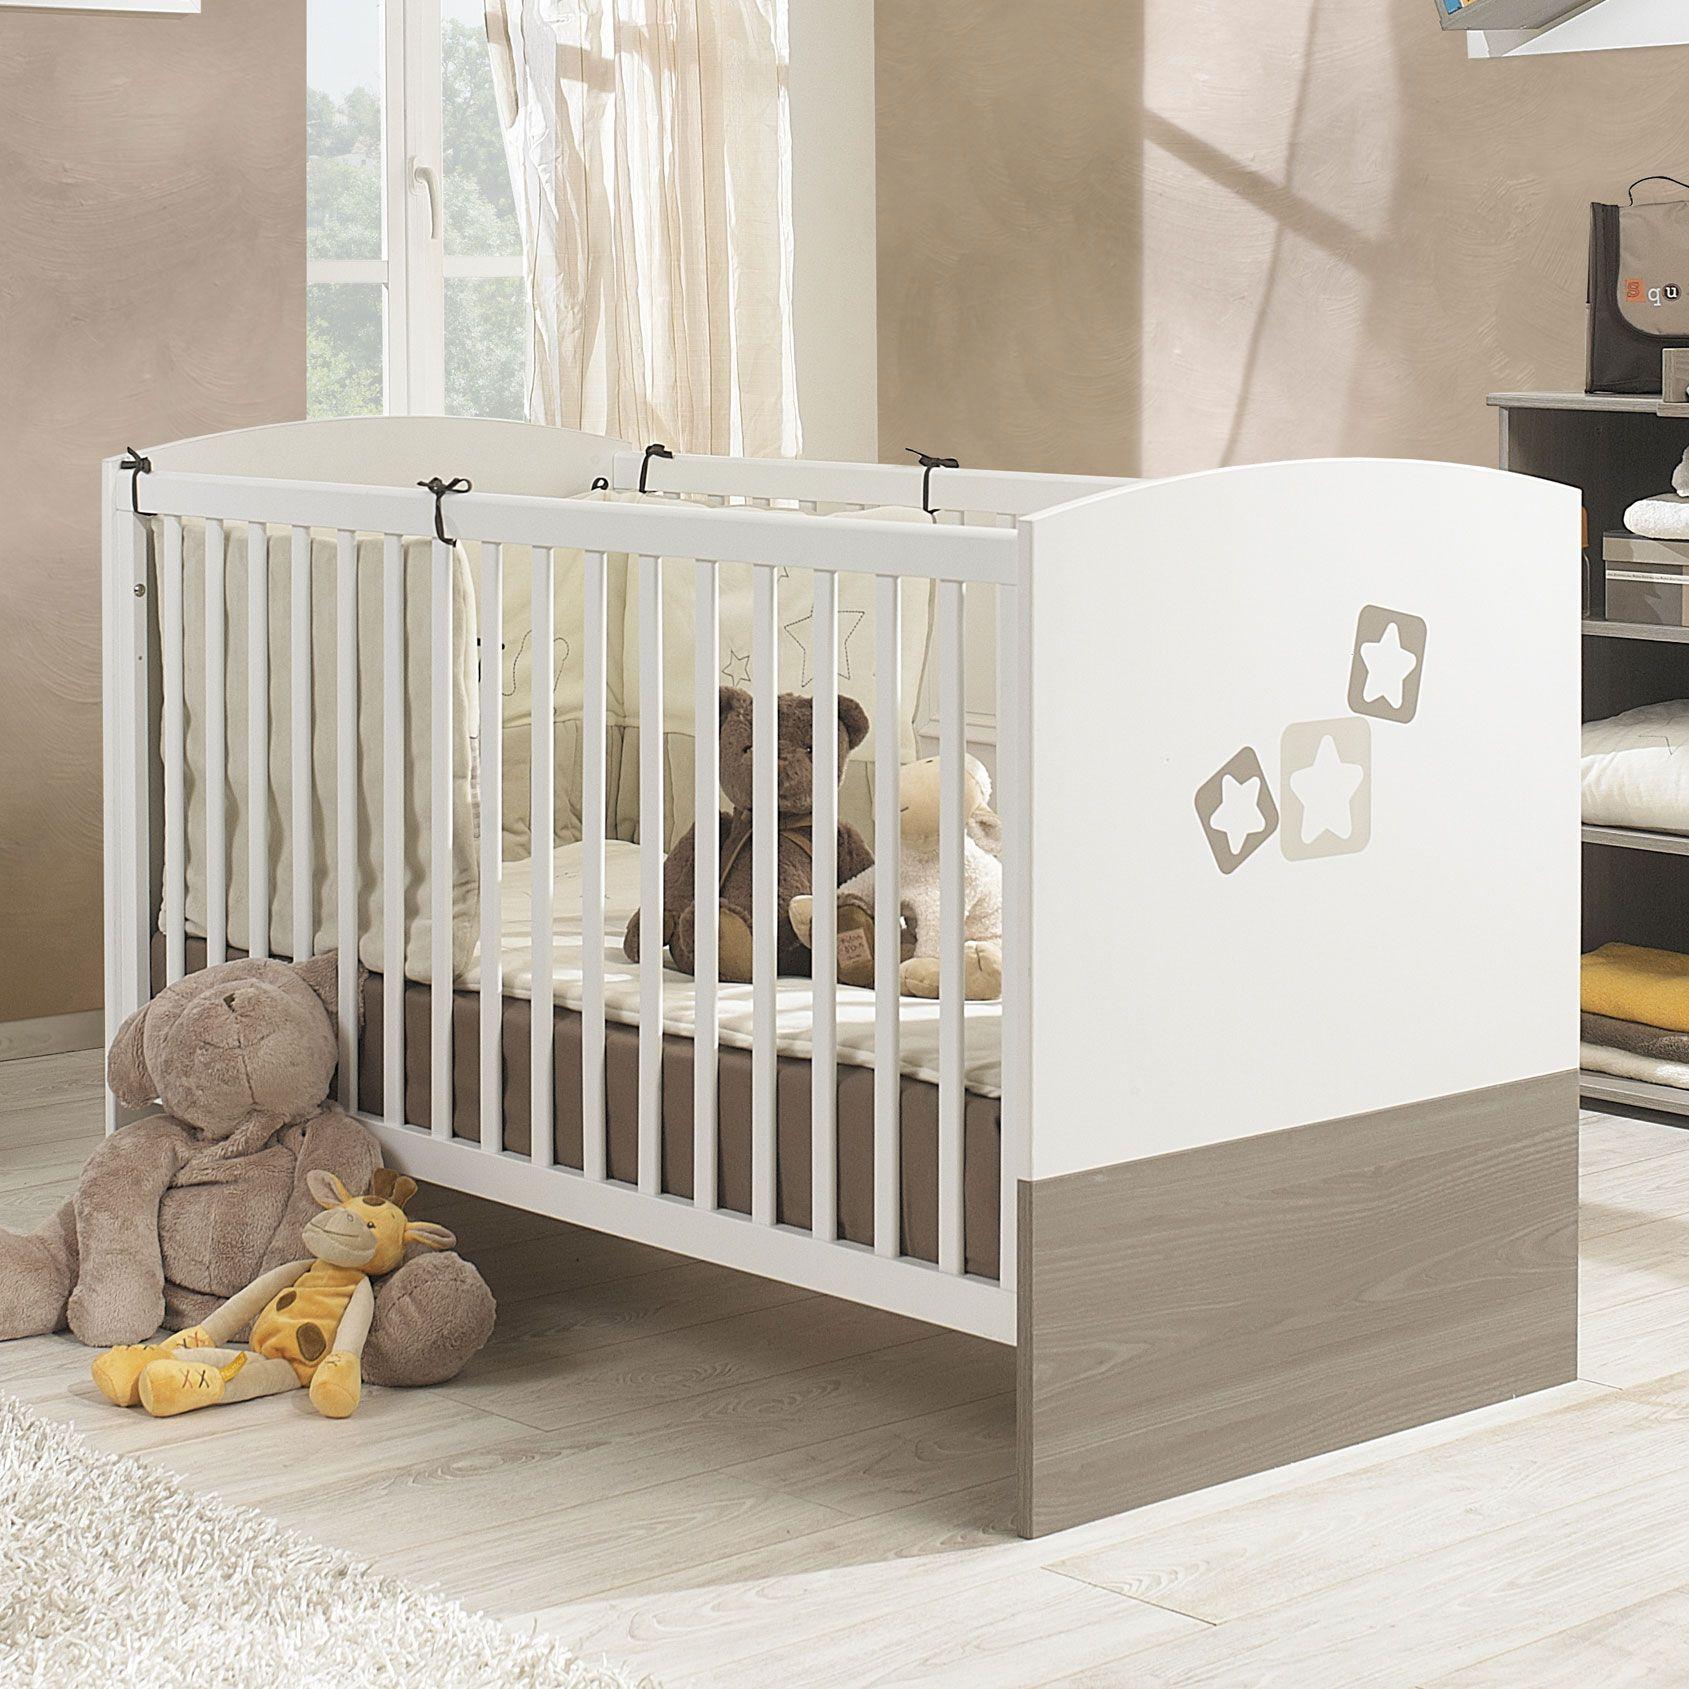 Lit bébé évolutif bois blanc frªne gris avec motifs NOE Galipette